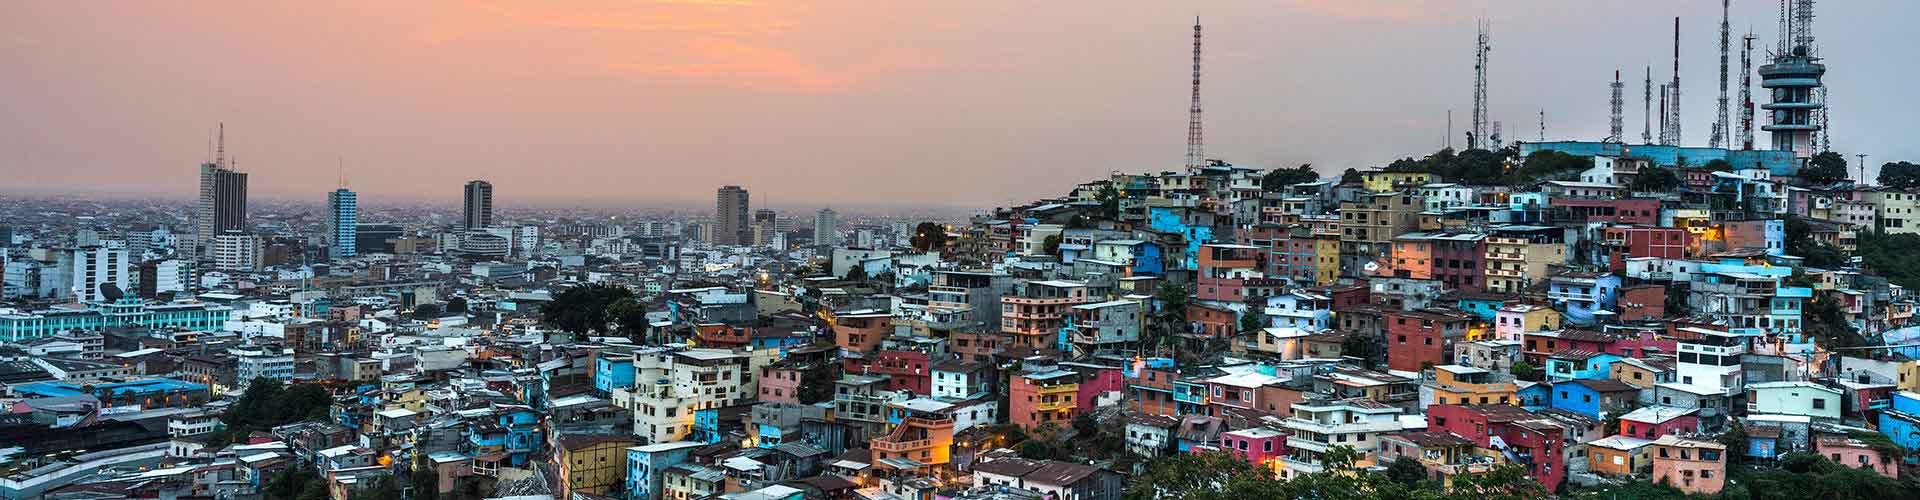 Guayaquil - Appartments à Guayaquil. Cartes pour Guayaquil, photos et commentaires pour chaque appartement à Guayaquil.